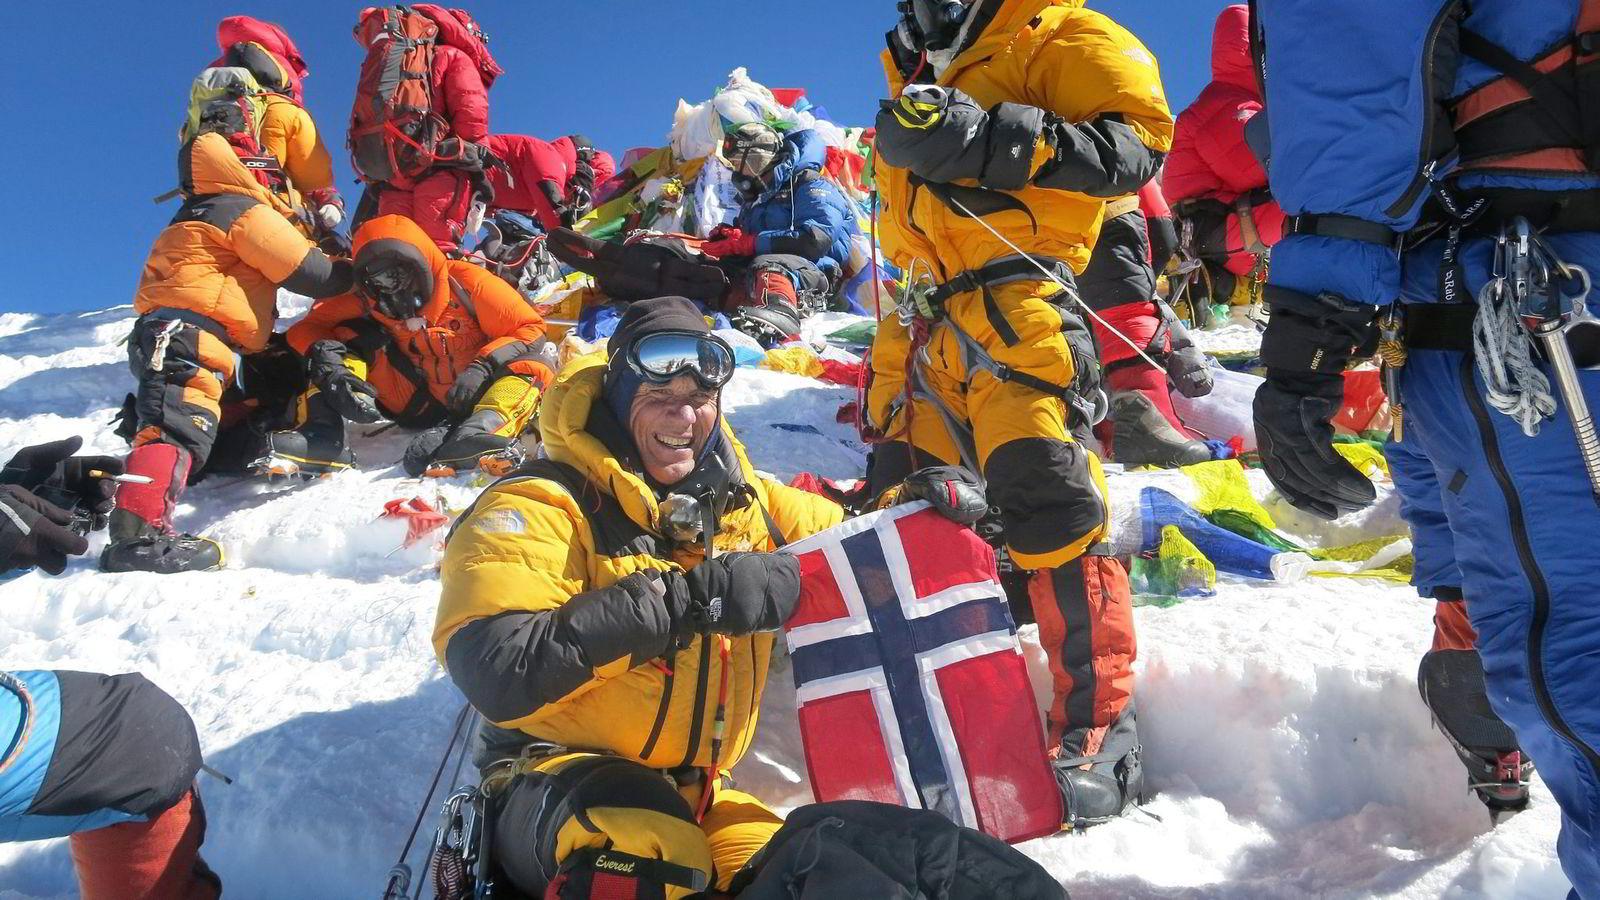 Trond Eilertsen på toppen av Mount Everest i 2013 da han besteg den siste av «seven summits». Til daglig jobber han i advokatfirmaet Wikborg Rein.